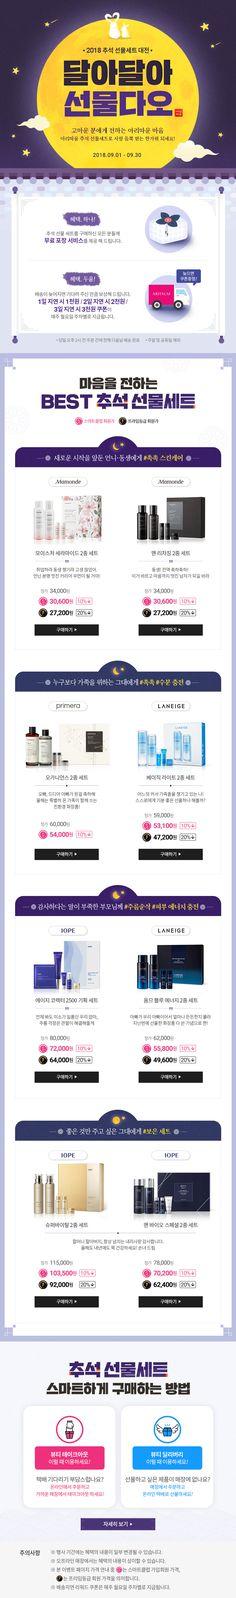 2018 추석 선물 대전 달아-달아- 선물 다오! Page Design, Web Design, Korea Design, Event Banner, Promotional Design, Event Page, Mid Autumn Festival, Web Layout, Layout Template